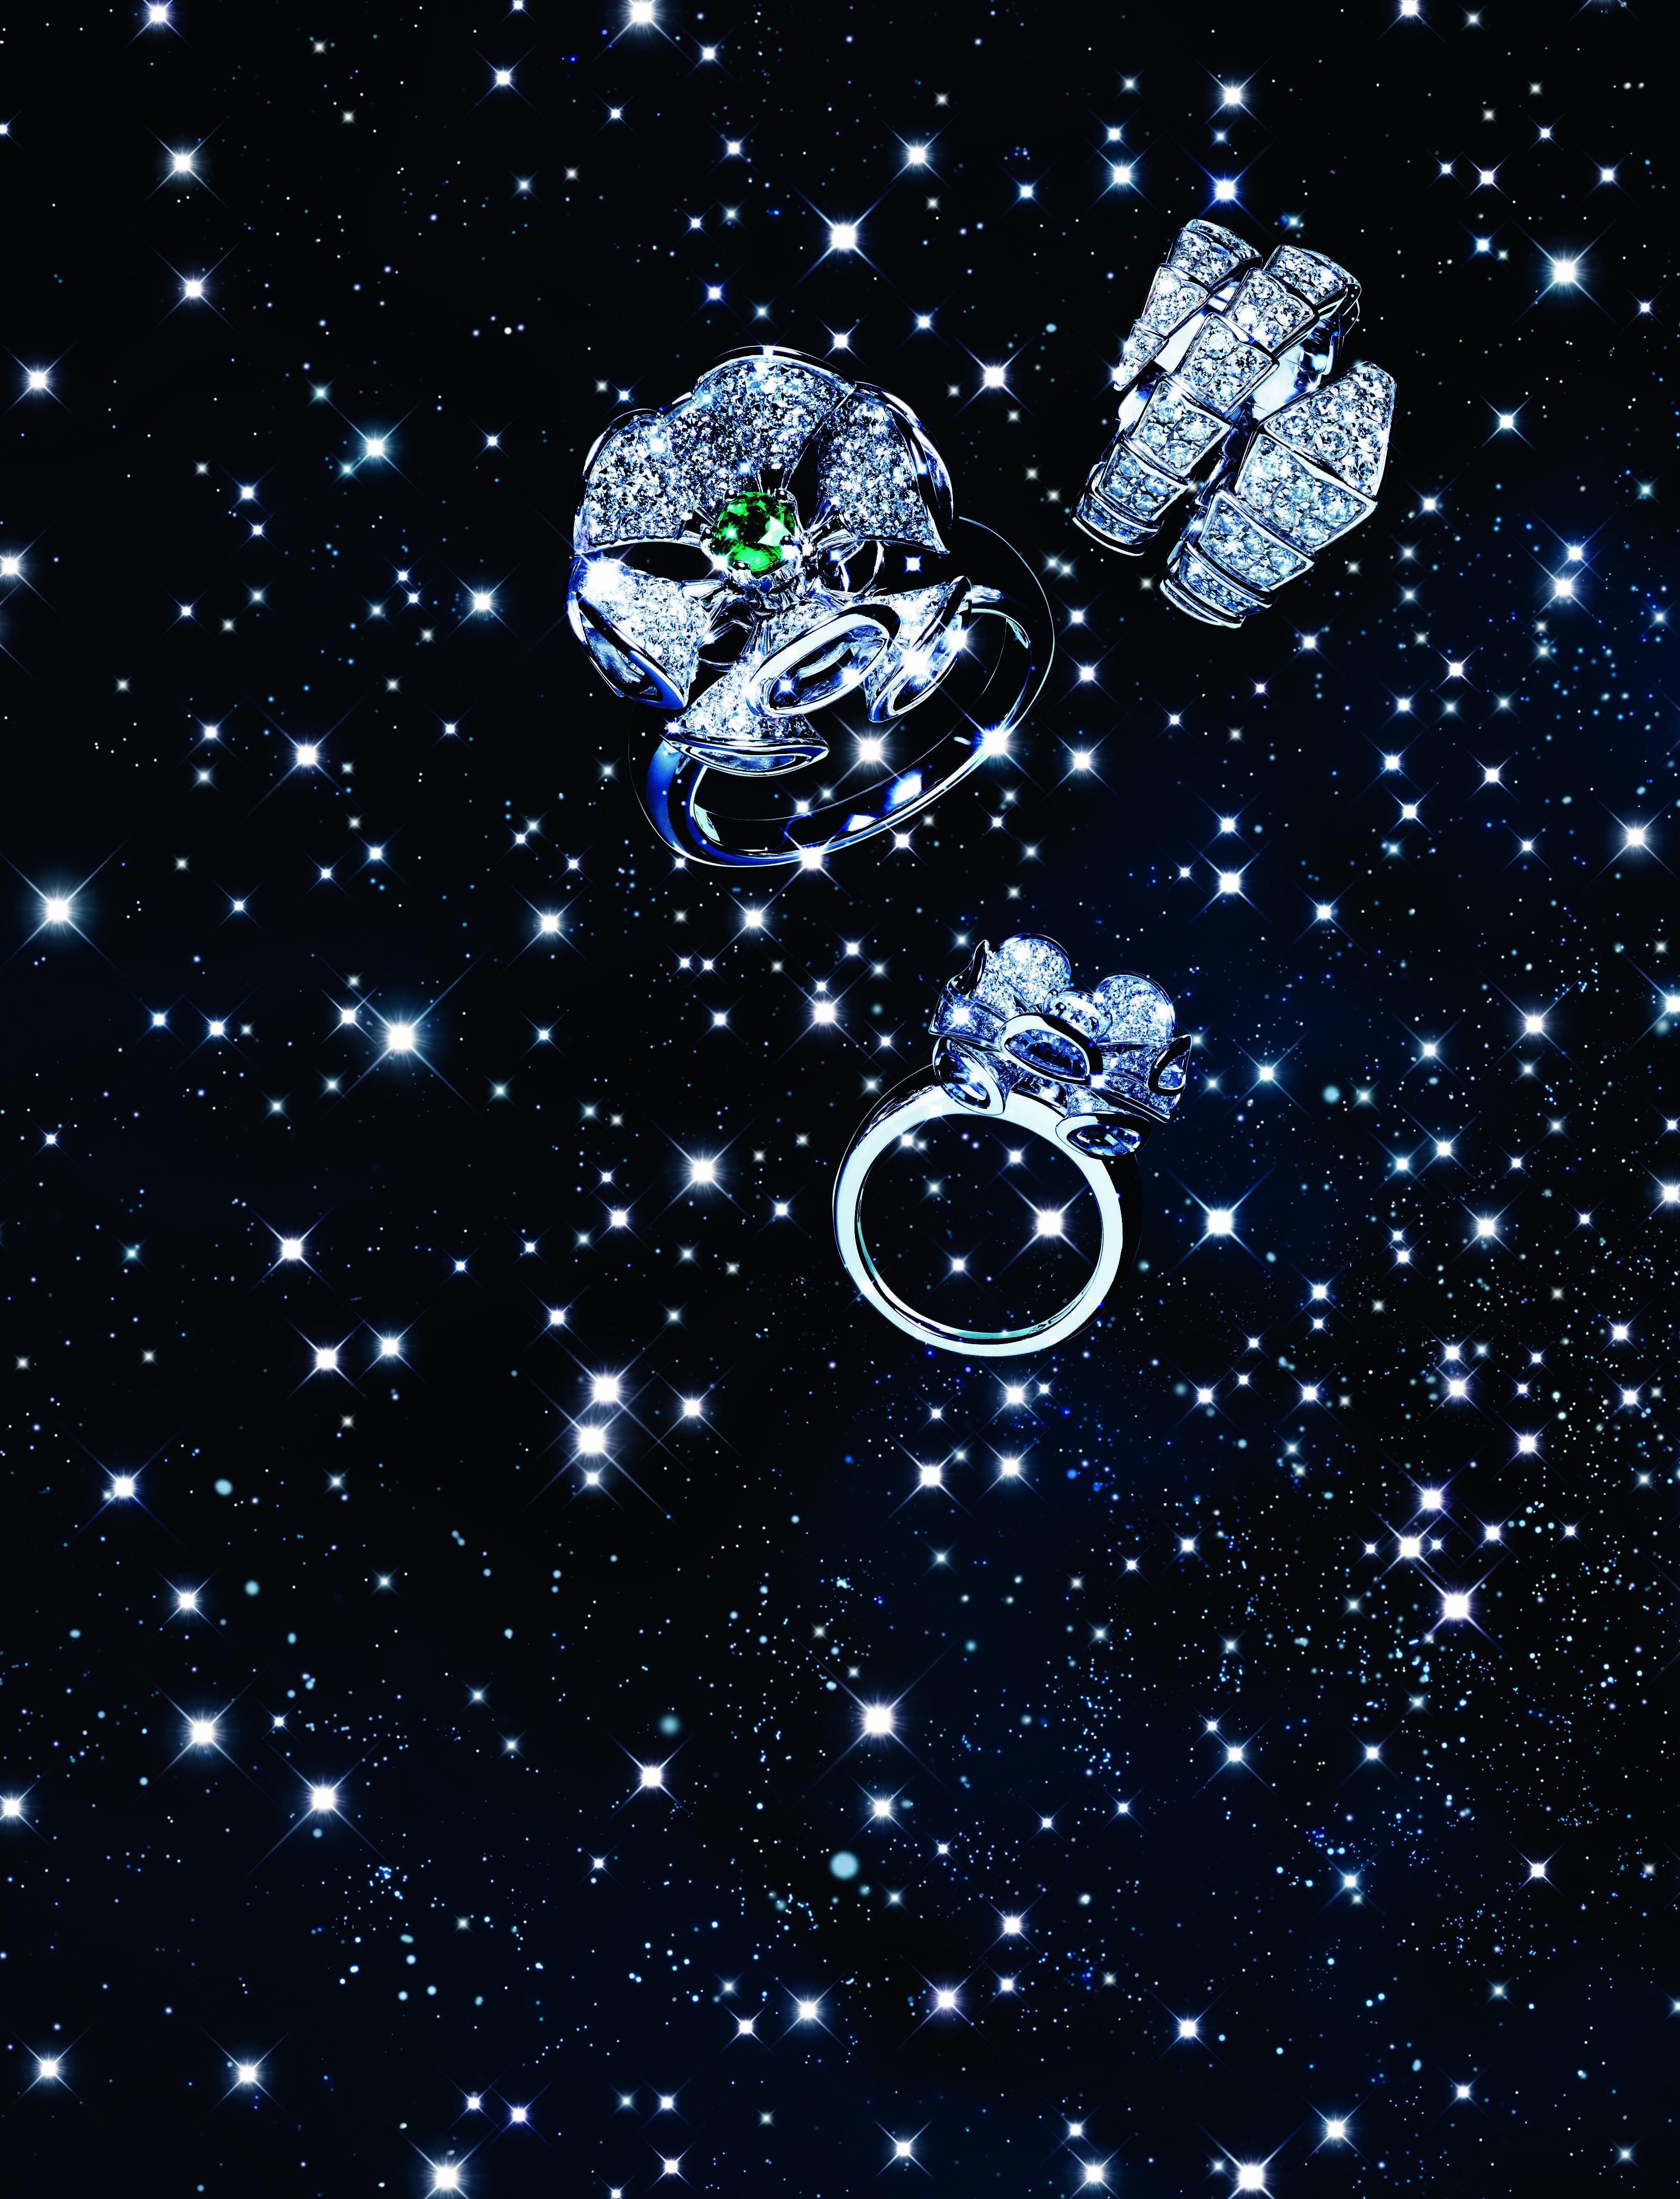 De haut en bas : bague deux tours en or blanc et diamants, collection Serpenti. Bague en or blanc, émeraude et diamants, collection Divas Dream. Bague en or blanc et diamants, collection Diva Dream, BVLGARI.